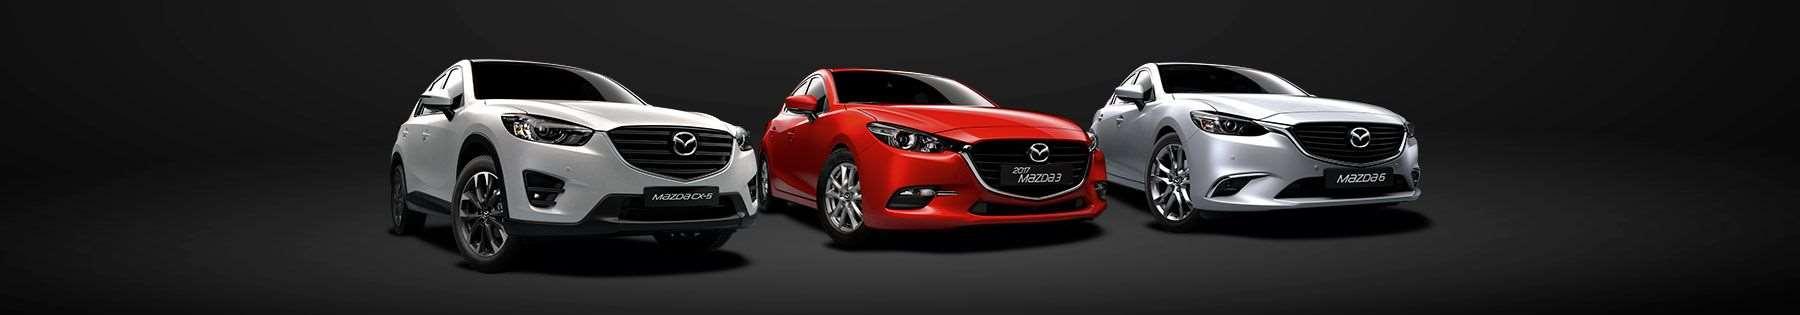 Sell Mazda Sydney